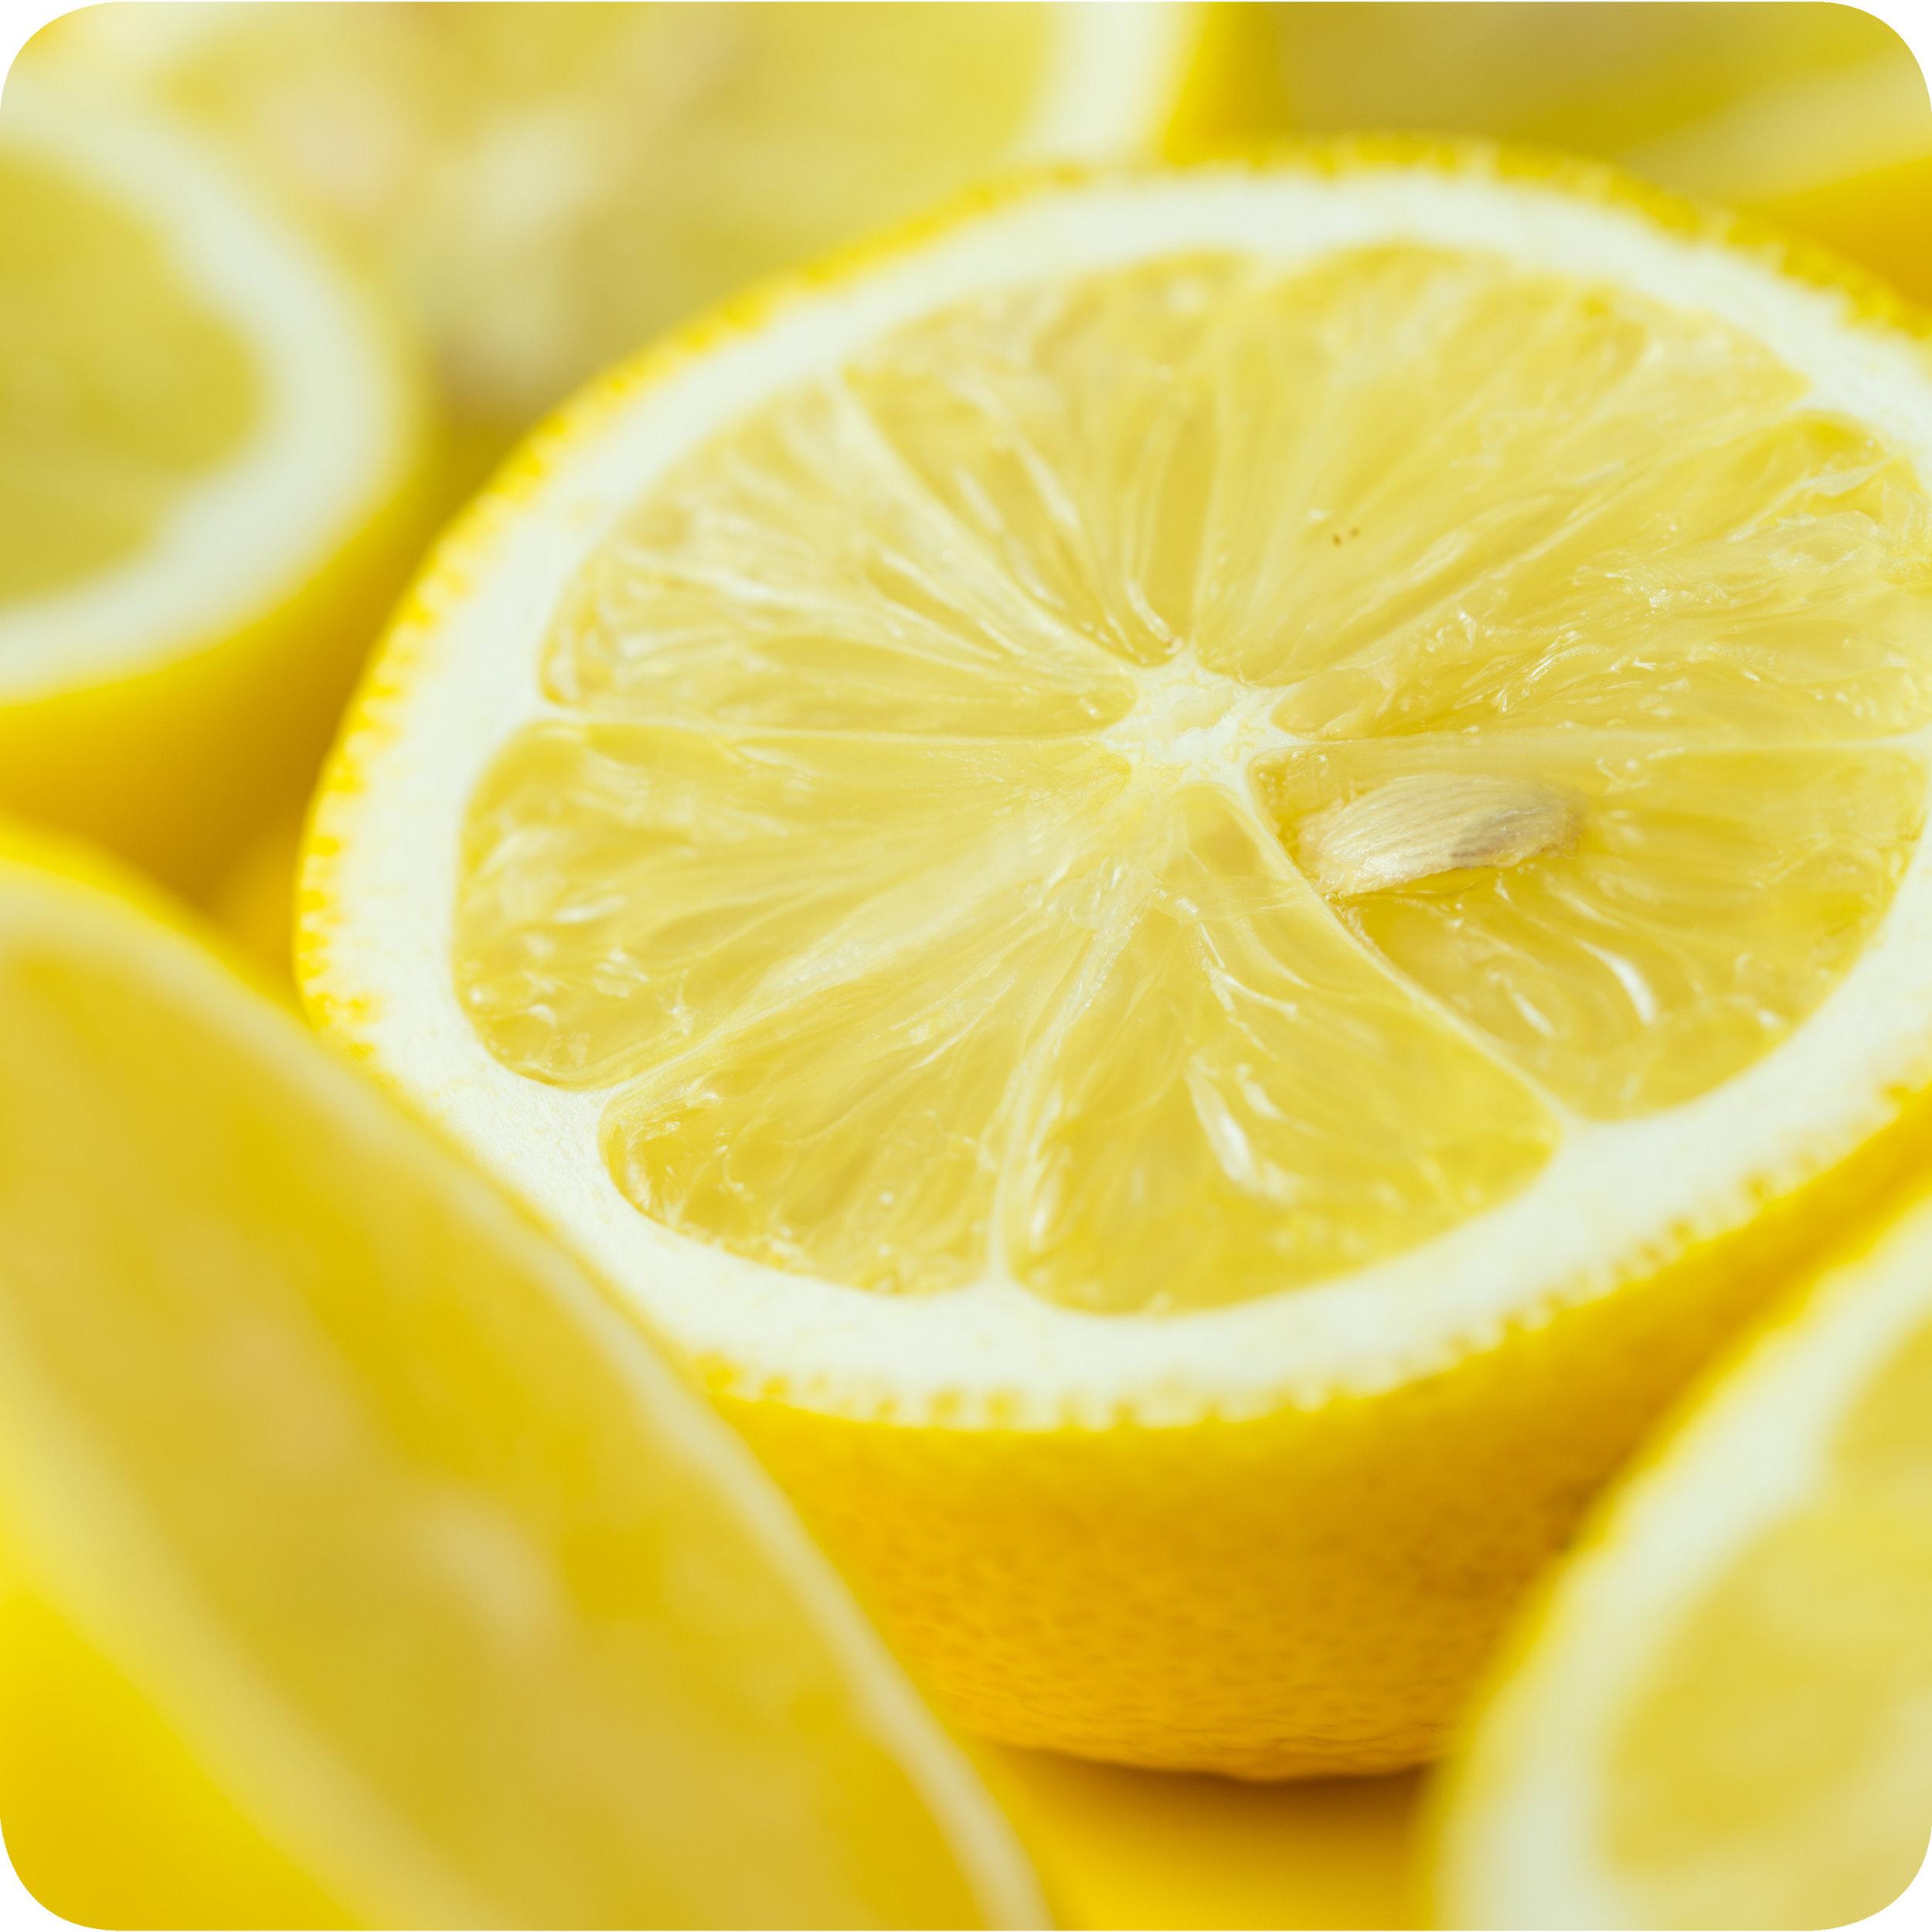 A sliced lemon, surrounded by more sliced lemons.